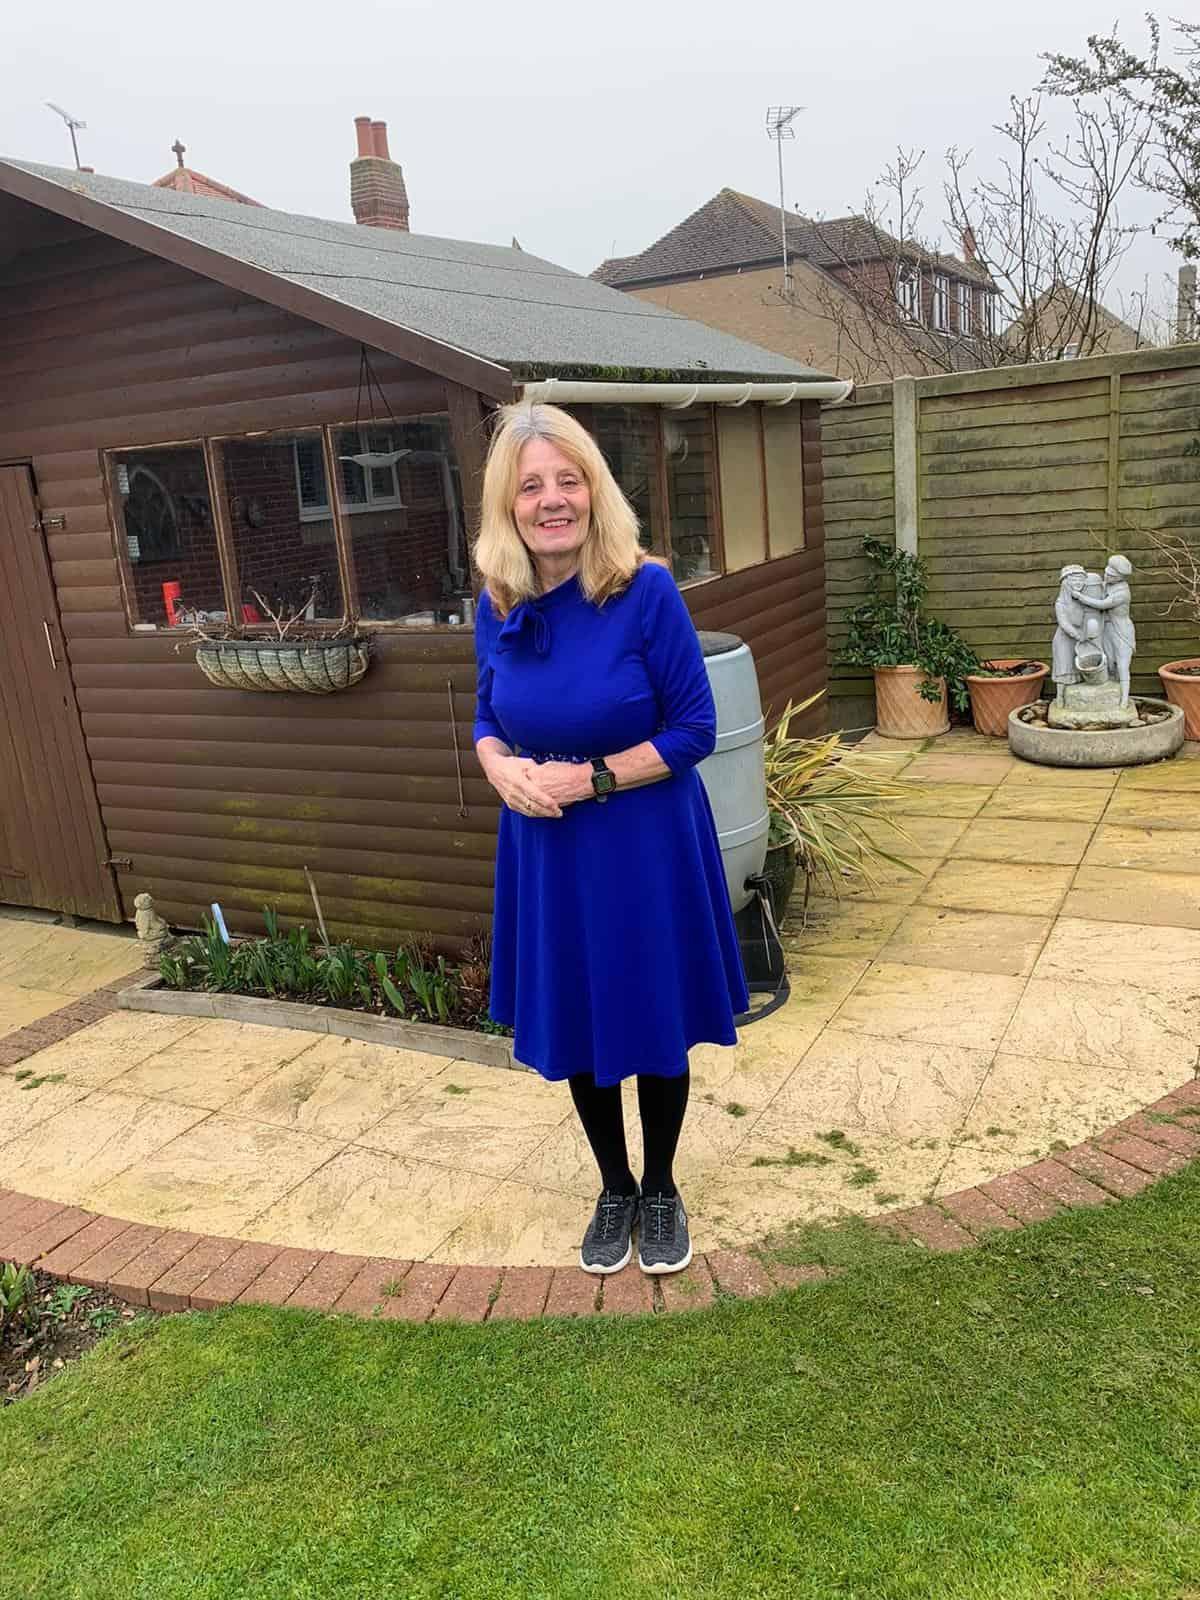 Linda standing in her garden